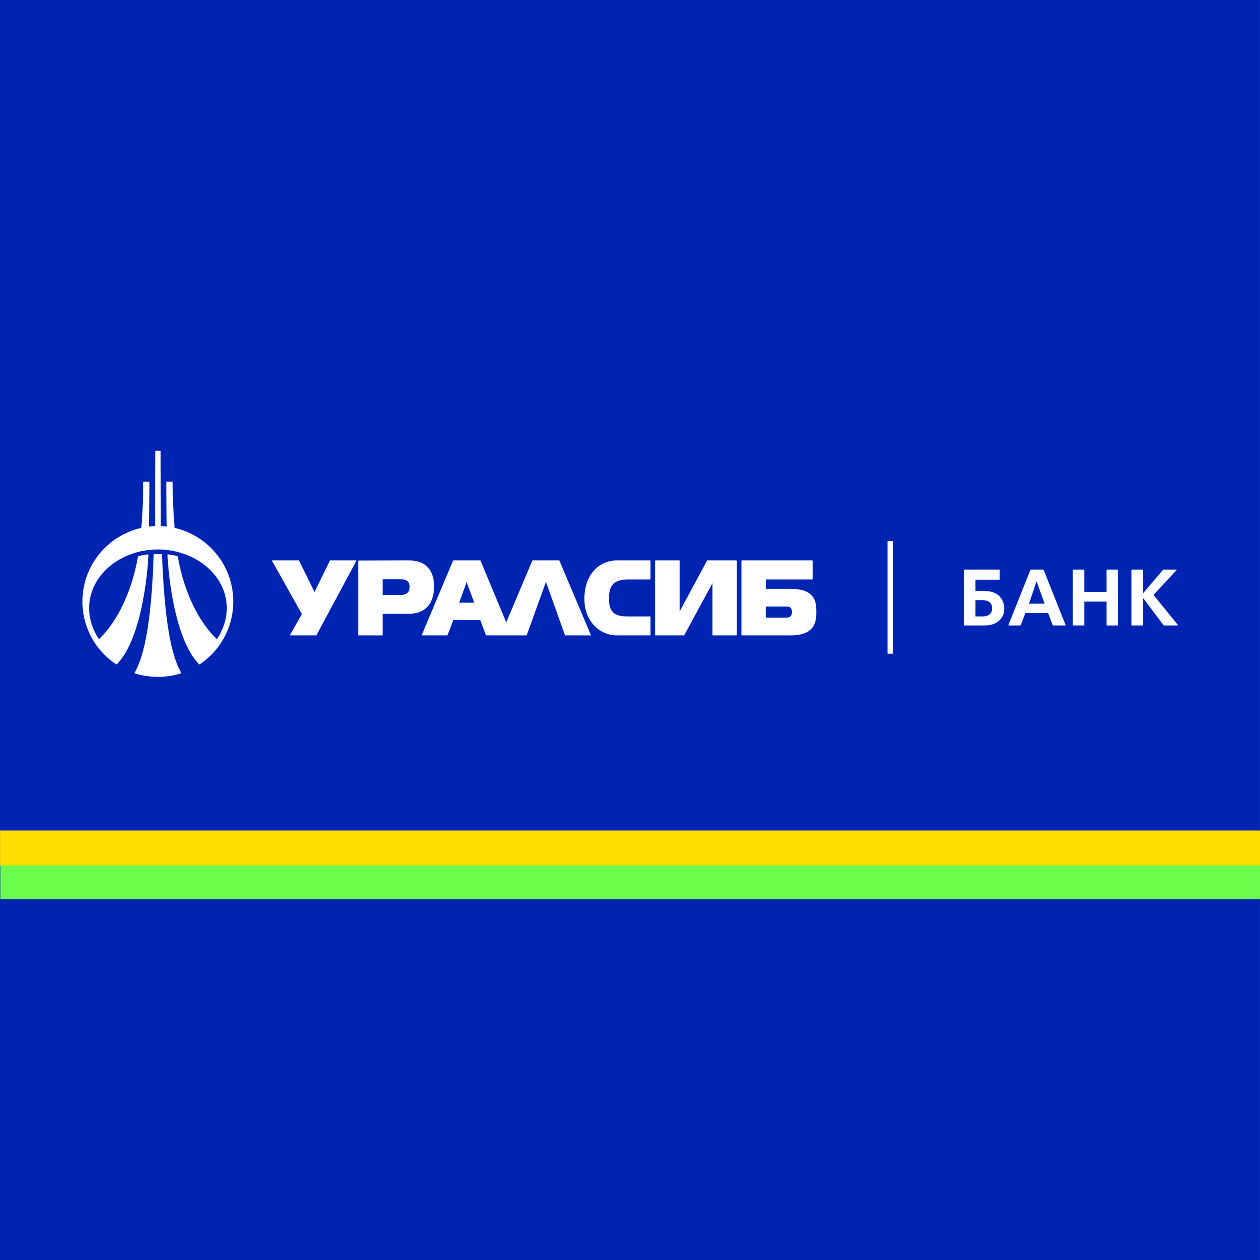 Банк УРАЛСИБ продолжил автокредитование по программам с господдержкой